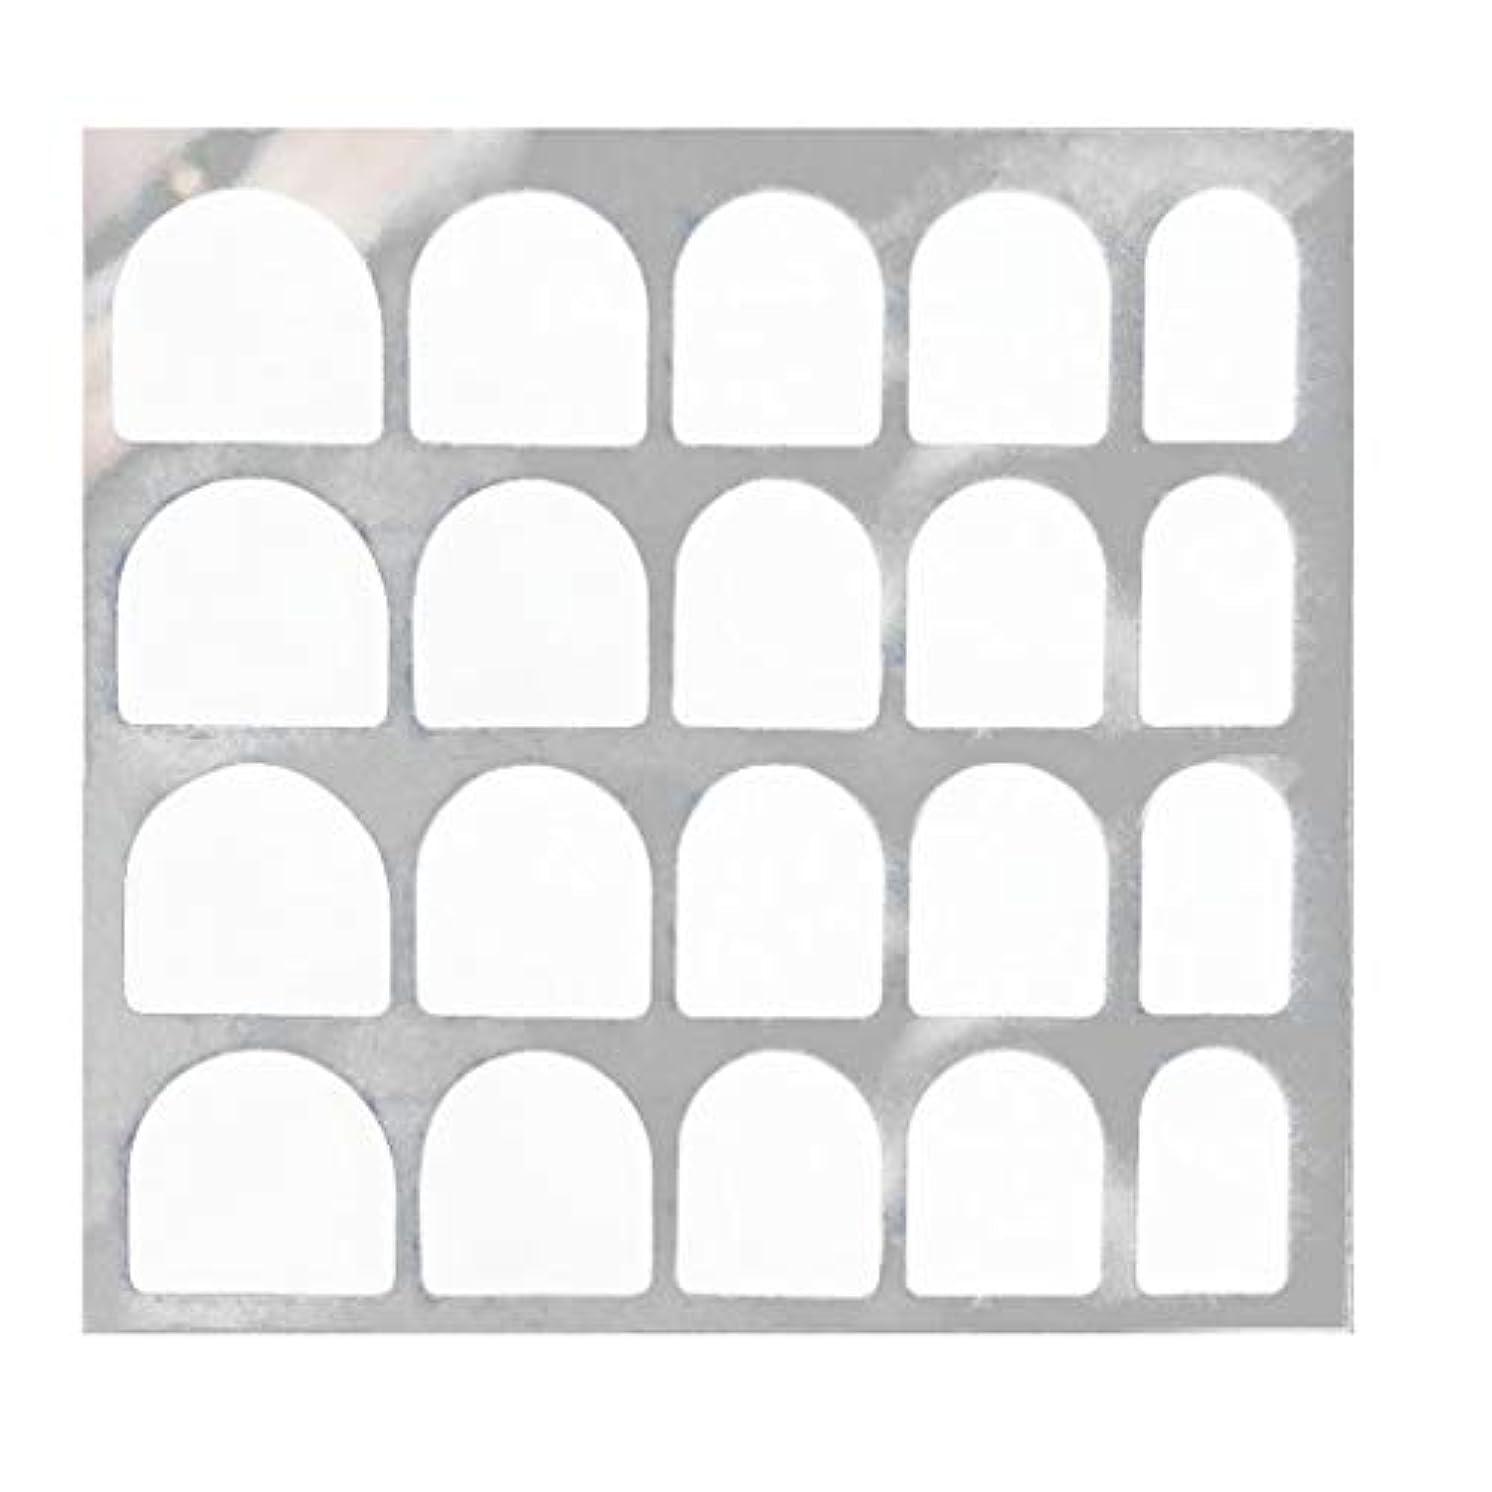 思春期の床を掃除する該当するLazayyii 両面偽ネイルアート粘着テープのりステッカーDIY 5枚/ 24枚 (C)